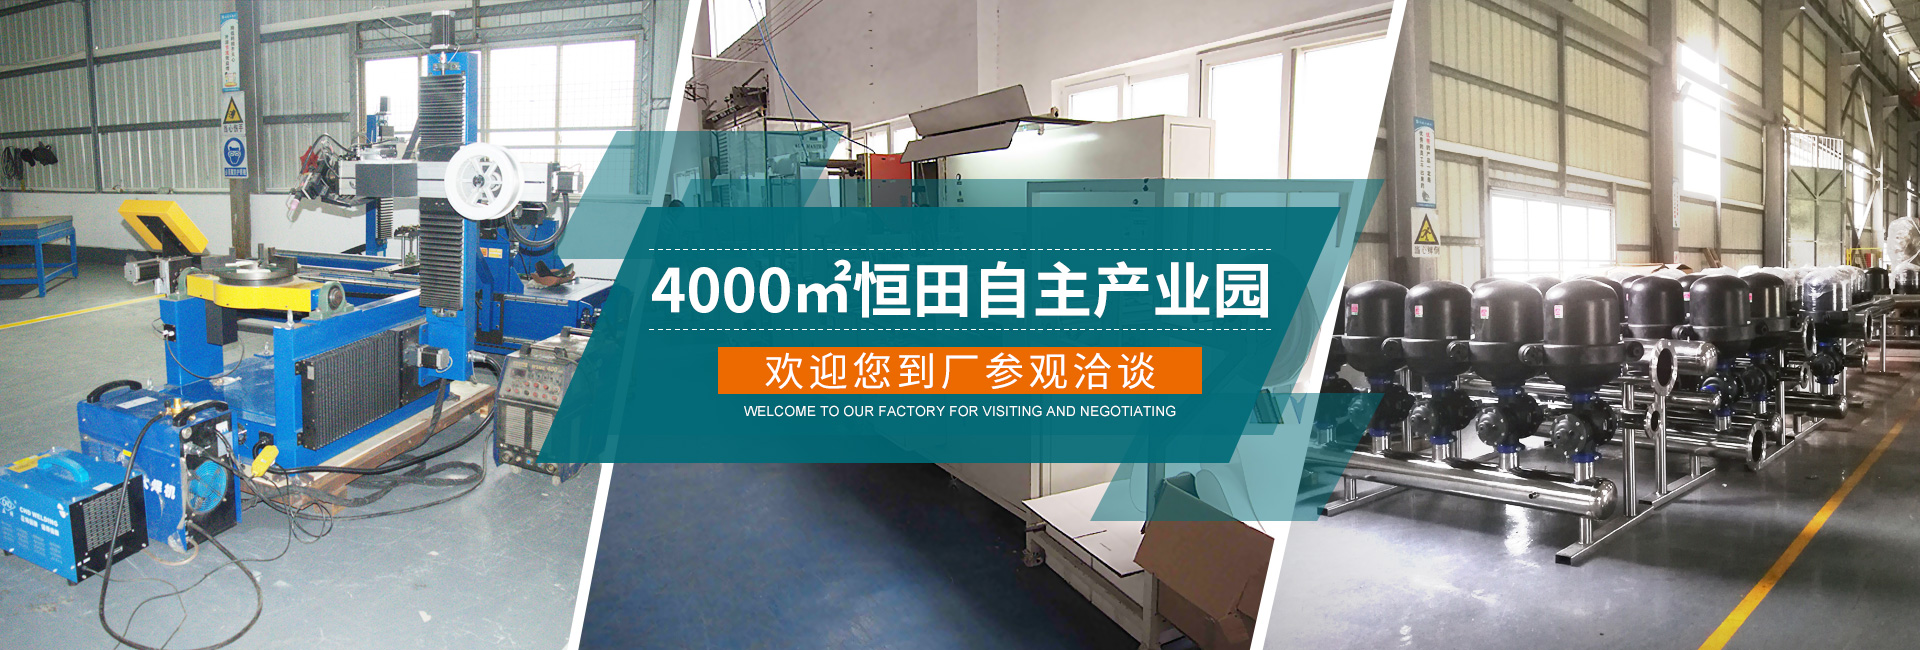 4000恆田自主產業園,歡迎您到廠參觀洽談